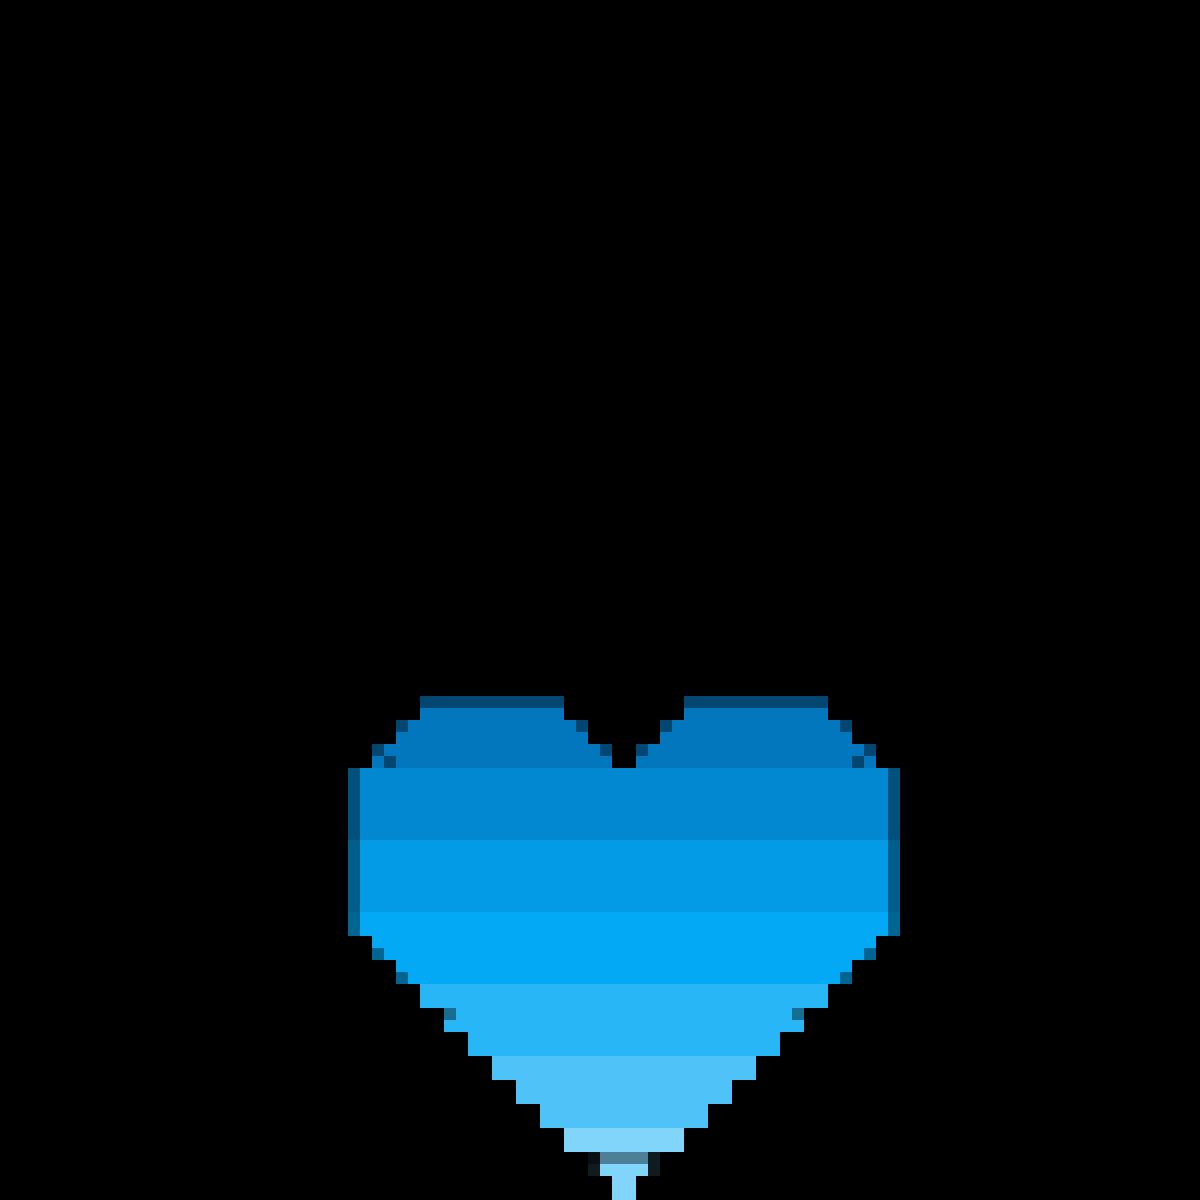 blue by Jaydenshearer